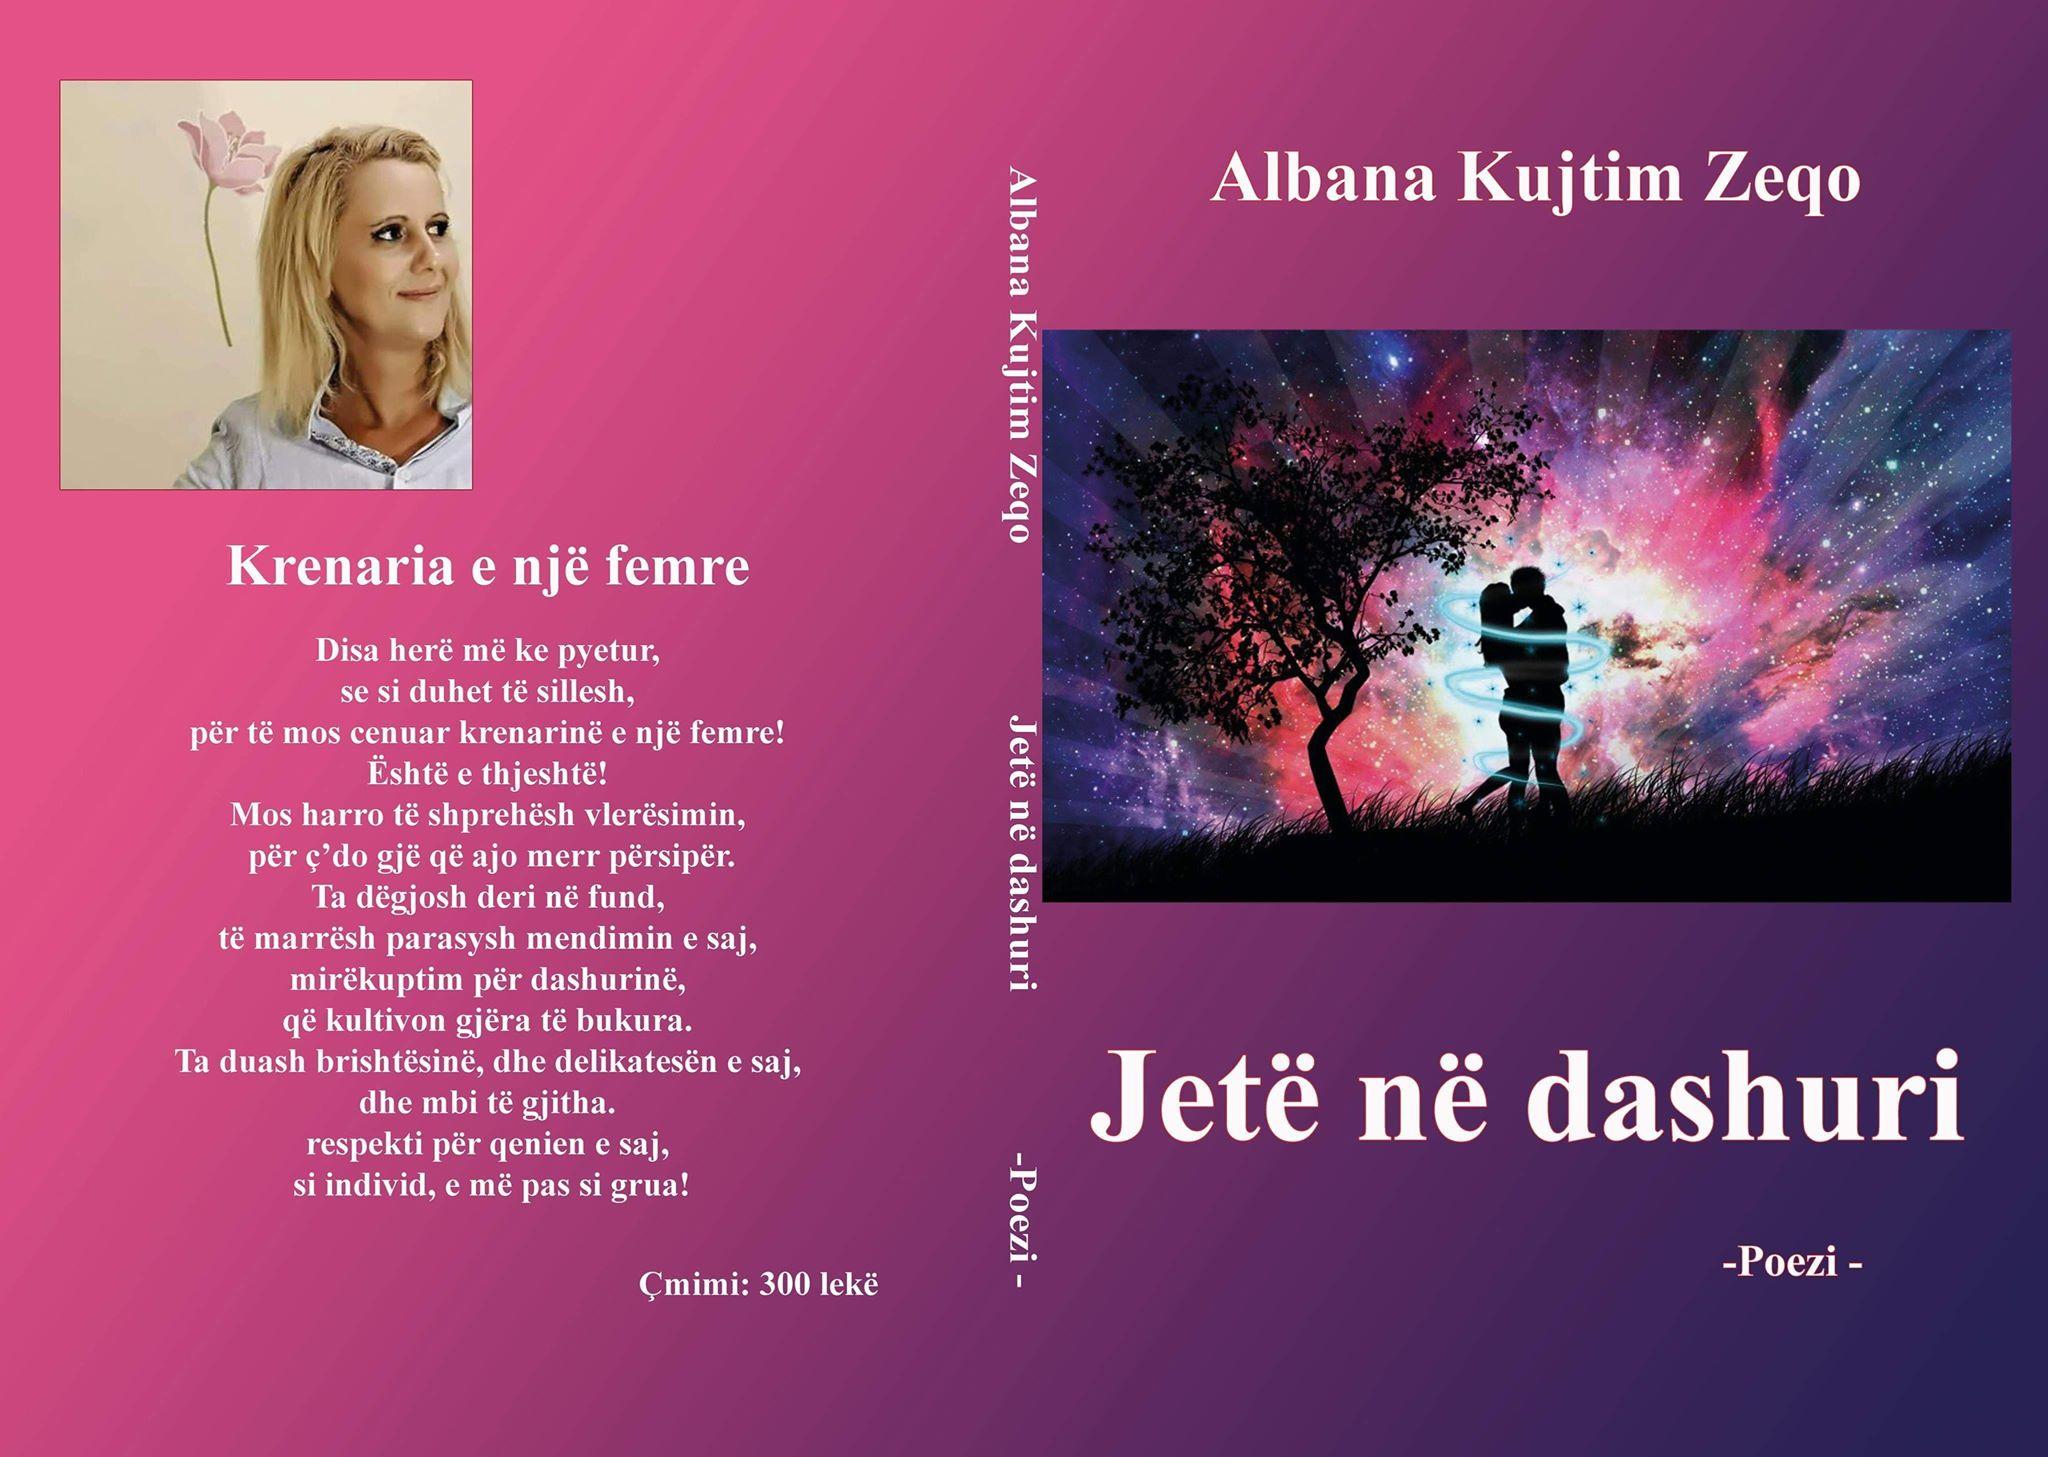 """Libri """"Jetë në dashuri"""" i autoresAlbana Zeqo një frymë poetike që lëshon tinguj simfonie"""